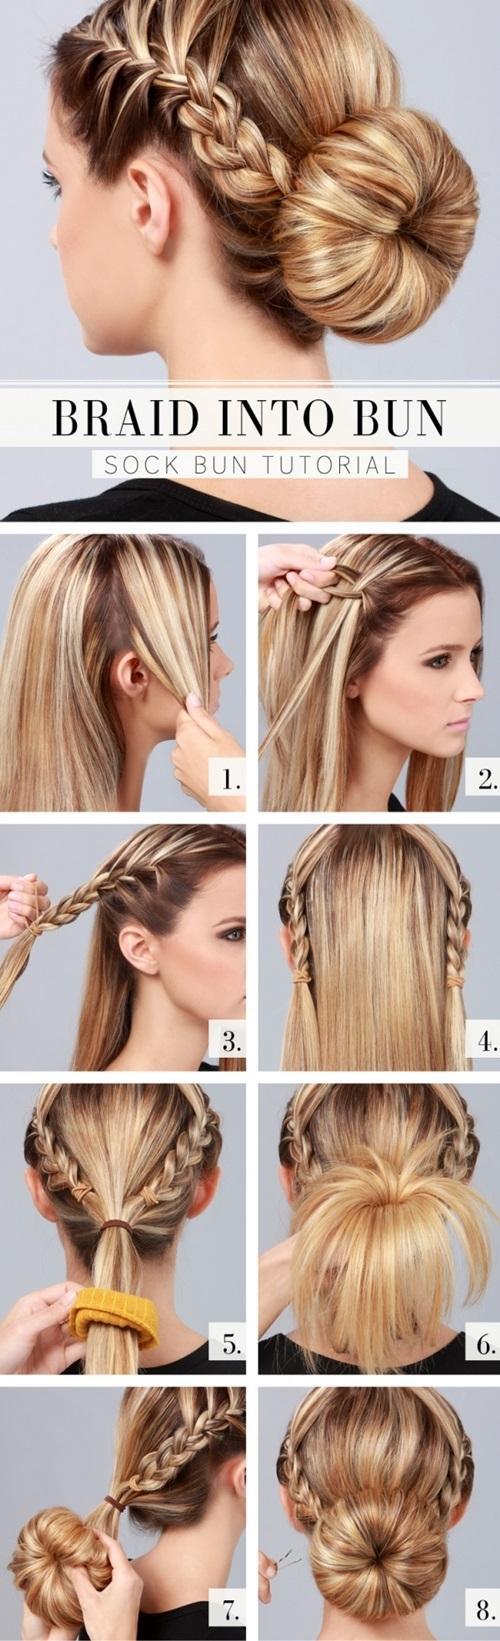 Hướng dẫn cách làm những kiểu tóc búi giản dị cực dễ thương chống nóng hè hiệu quả phần 1